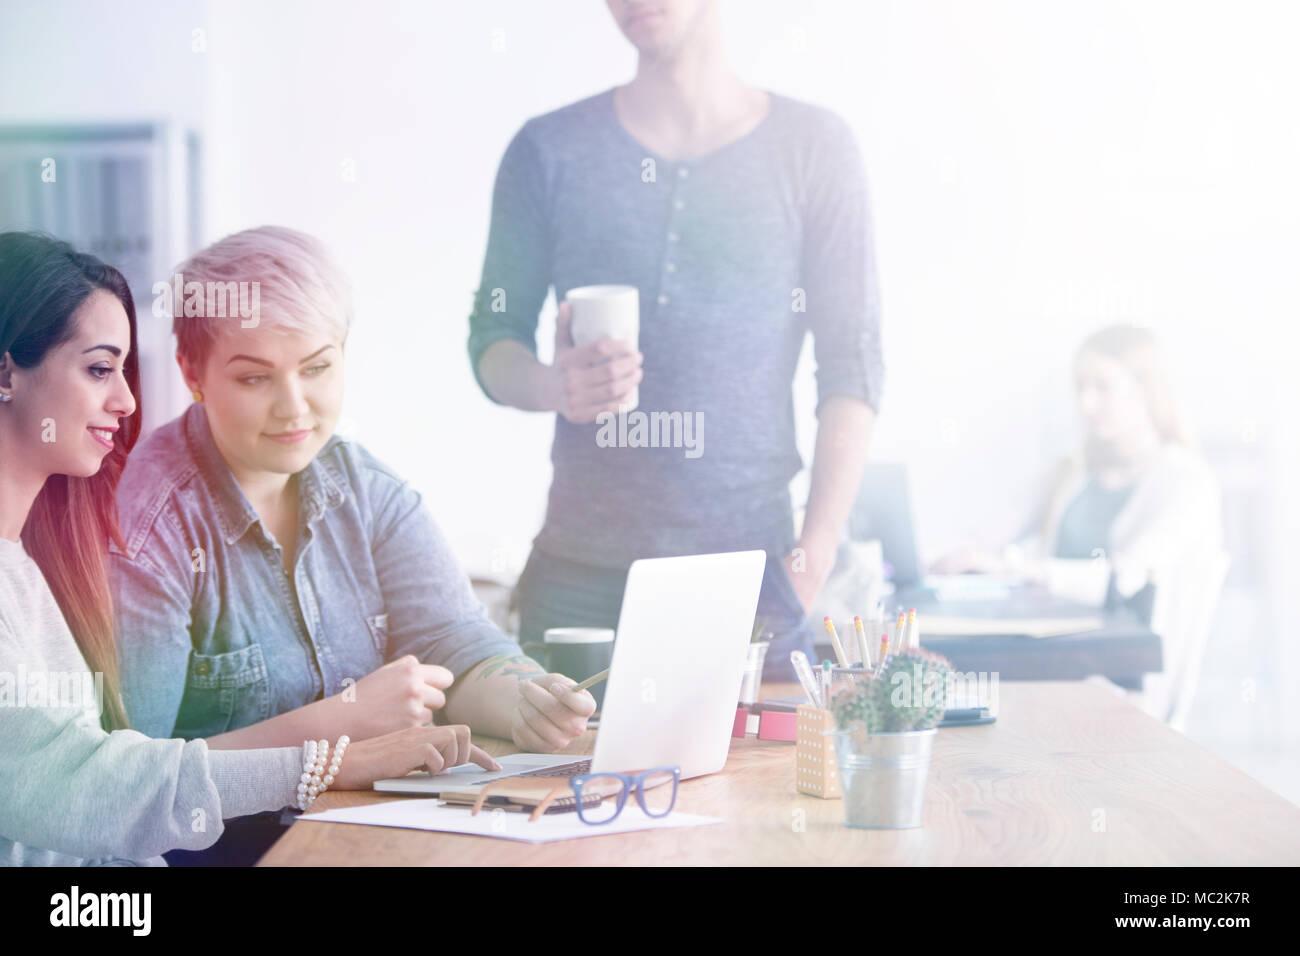 Zwei Frauen in einem Büro mit Laptop und Mann stand neben Ihnen sitzen Stockbild